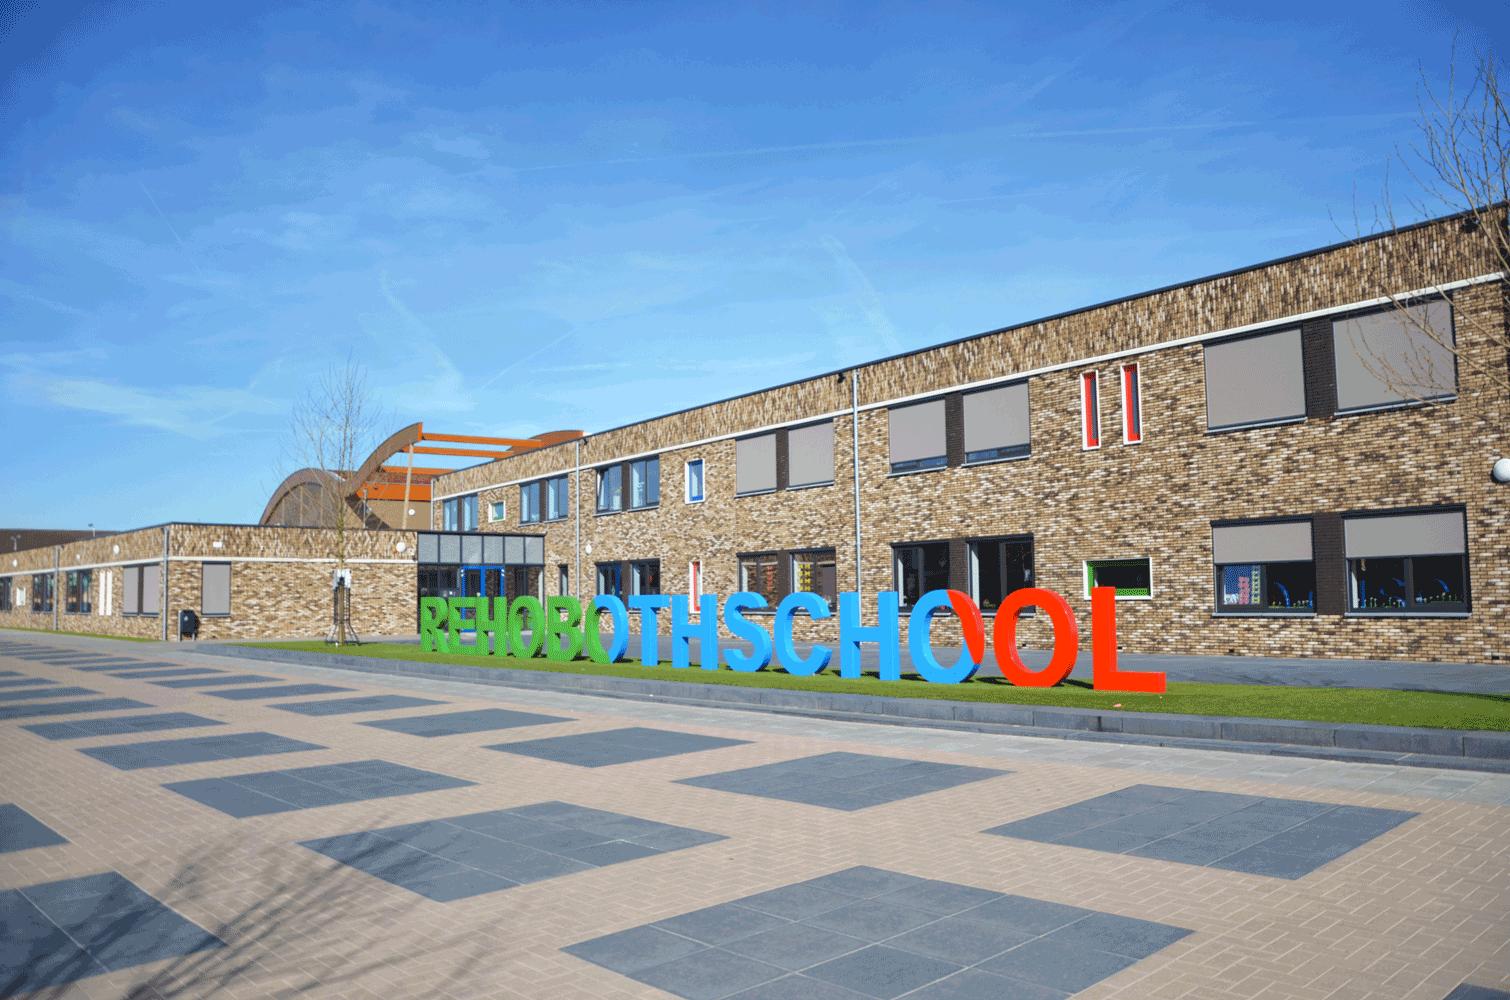 Kootwijkerbroek Rehobothschool